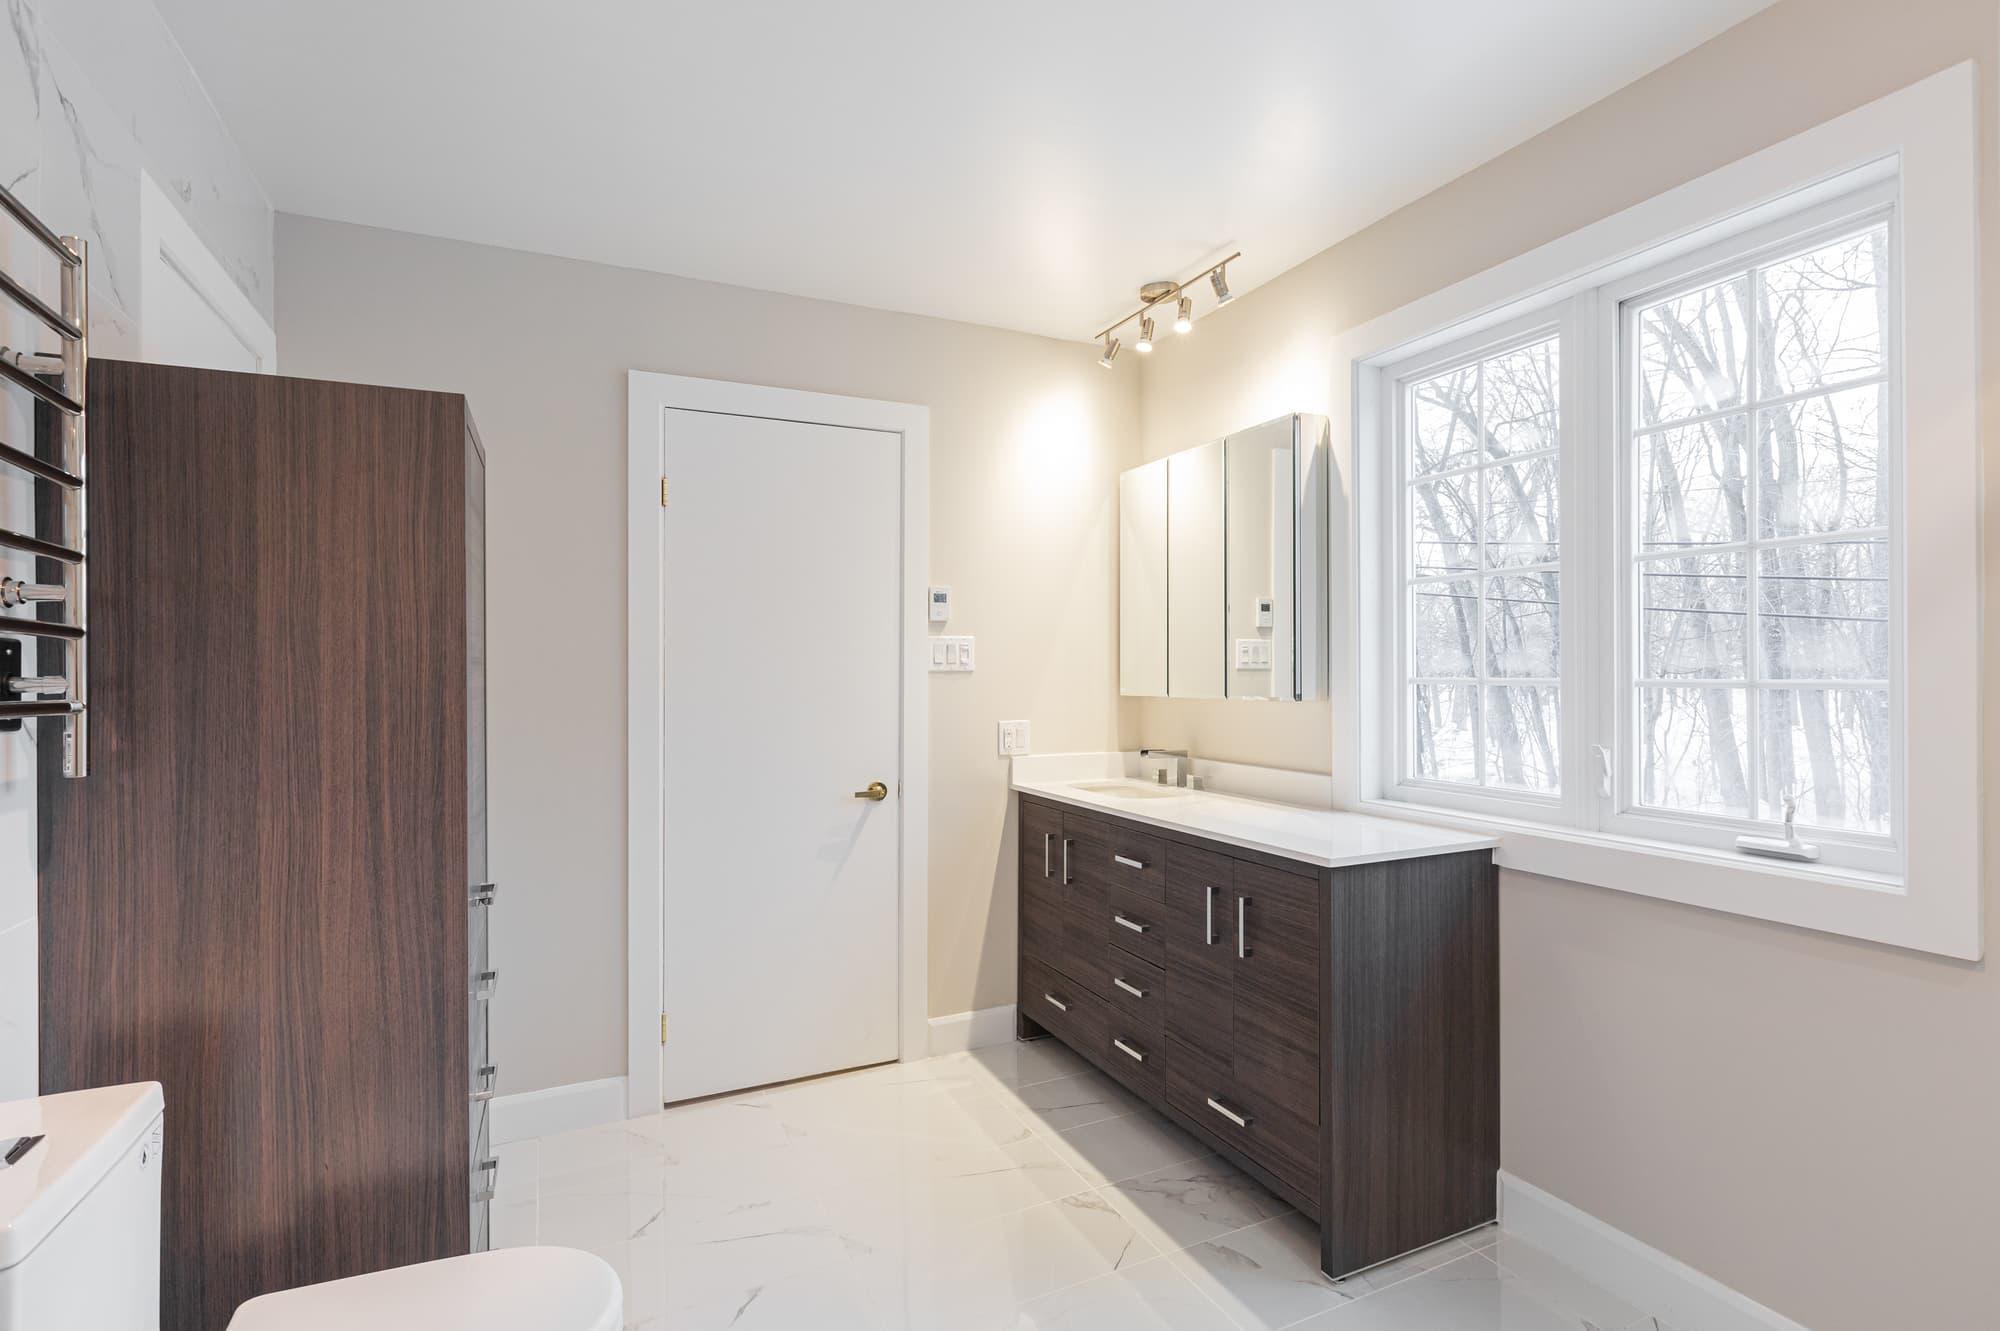 rénovation de salle de bain moderne avec vanité et lingerie sur mesure